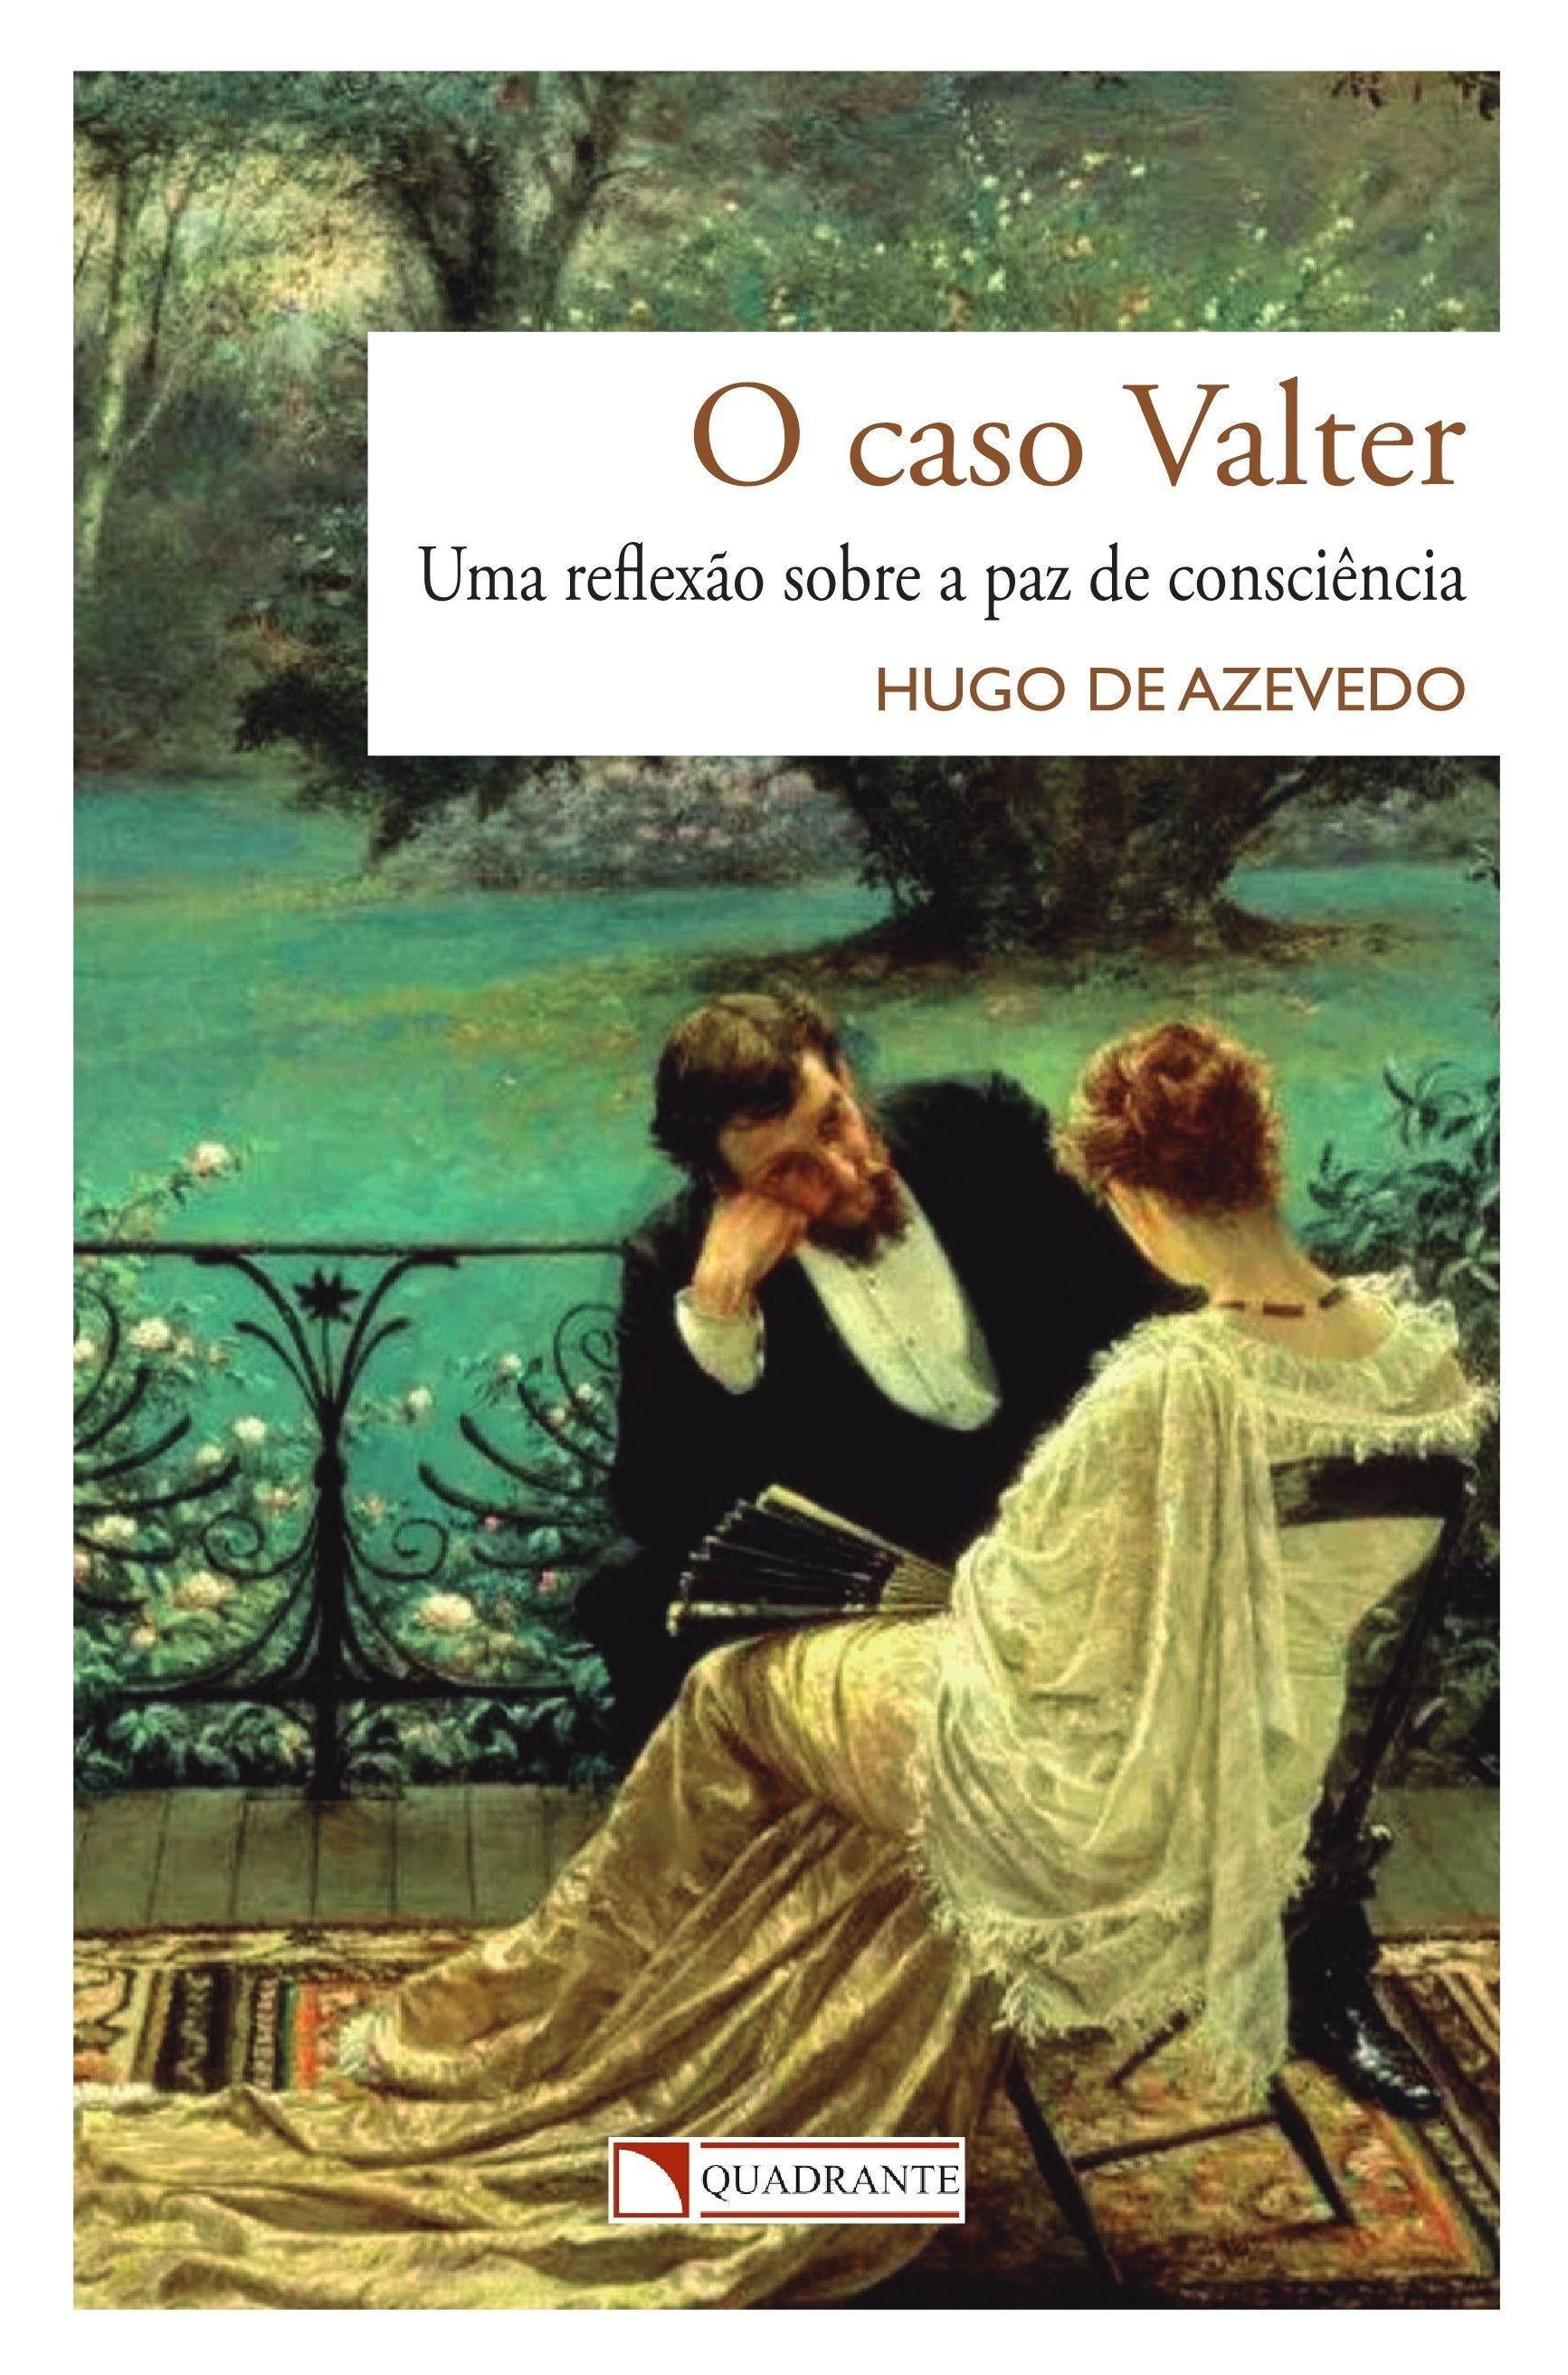 O caso Valter